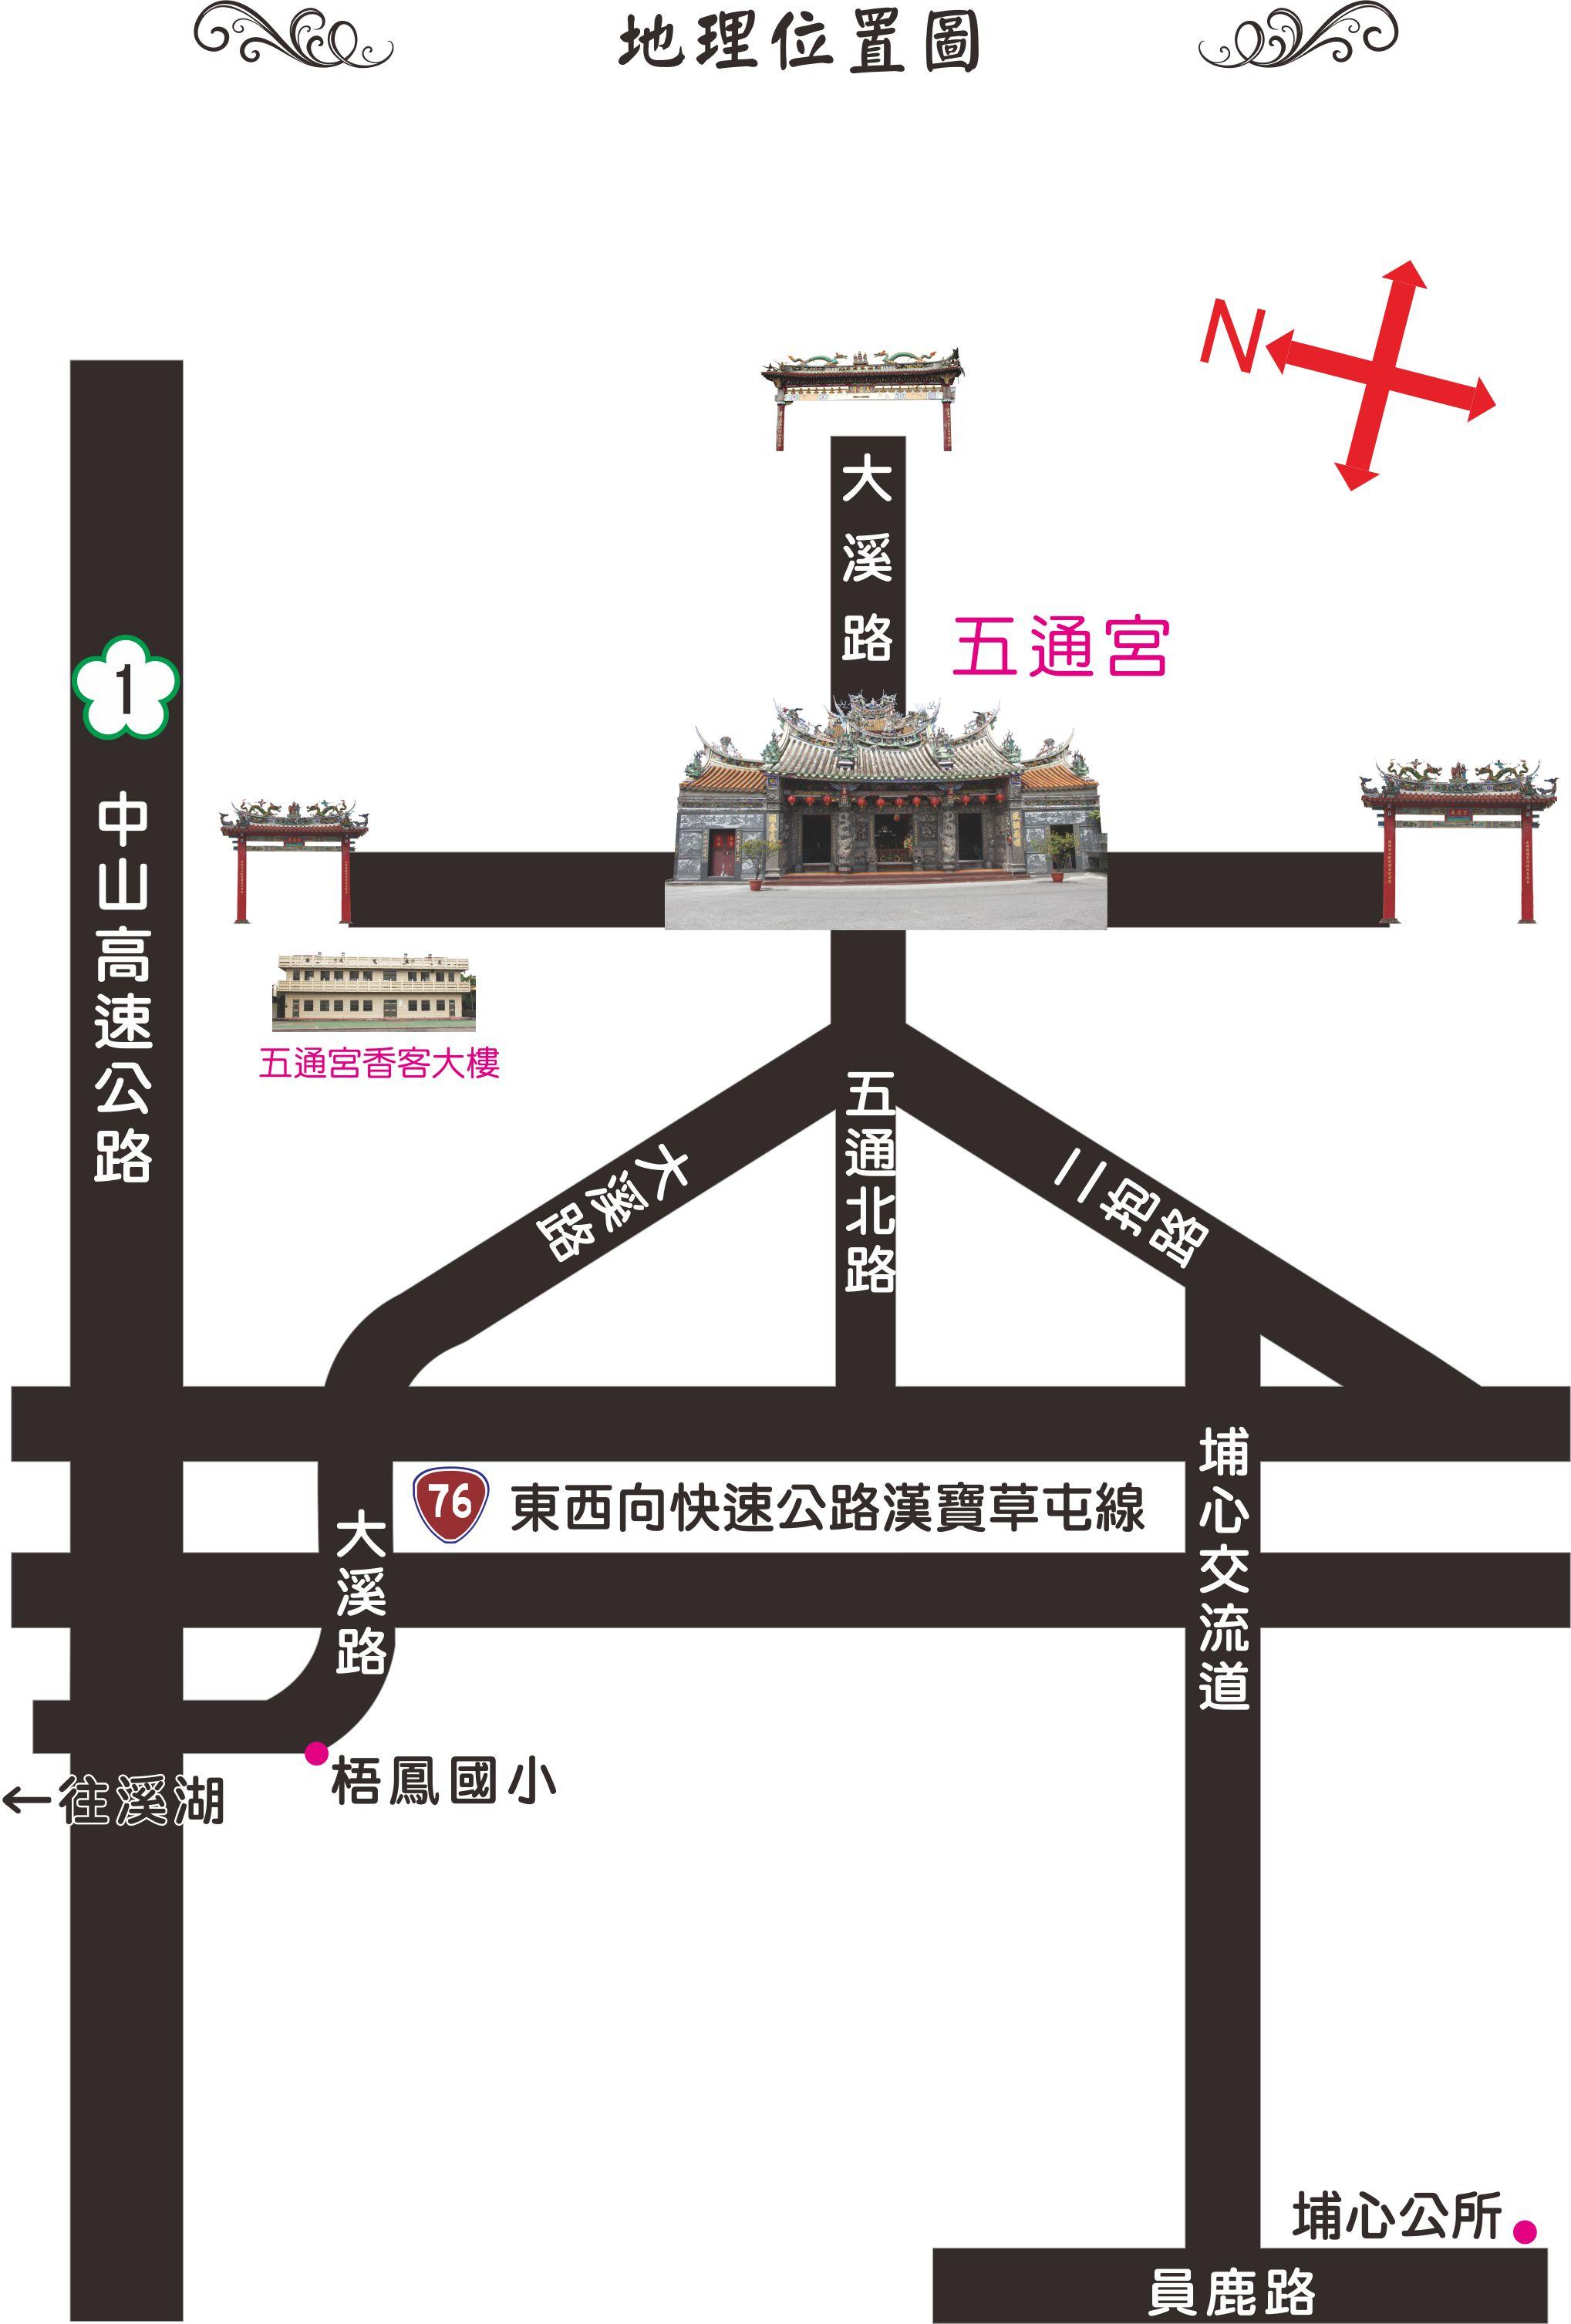 五通宮地圖.jpg